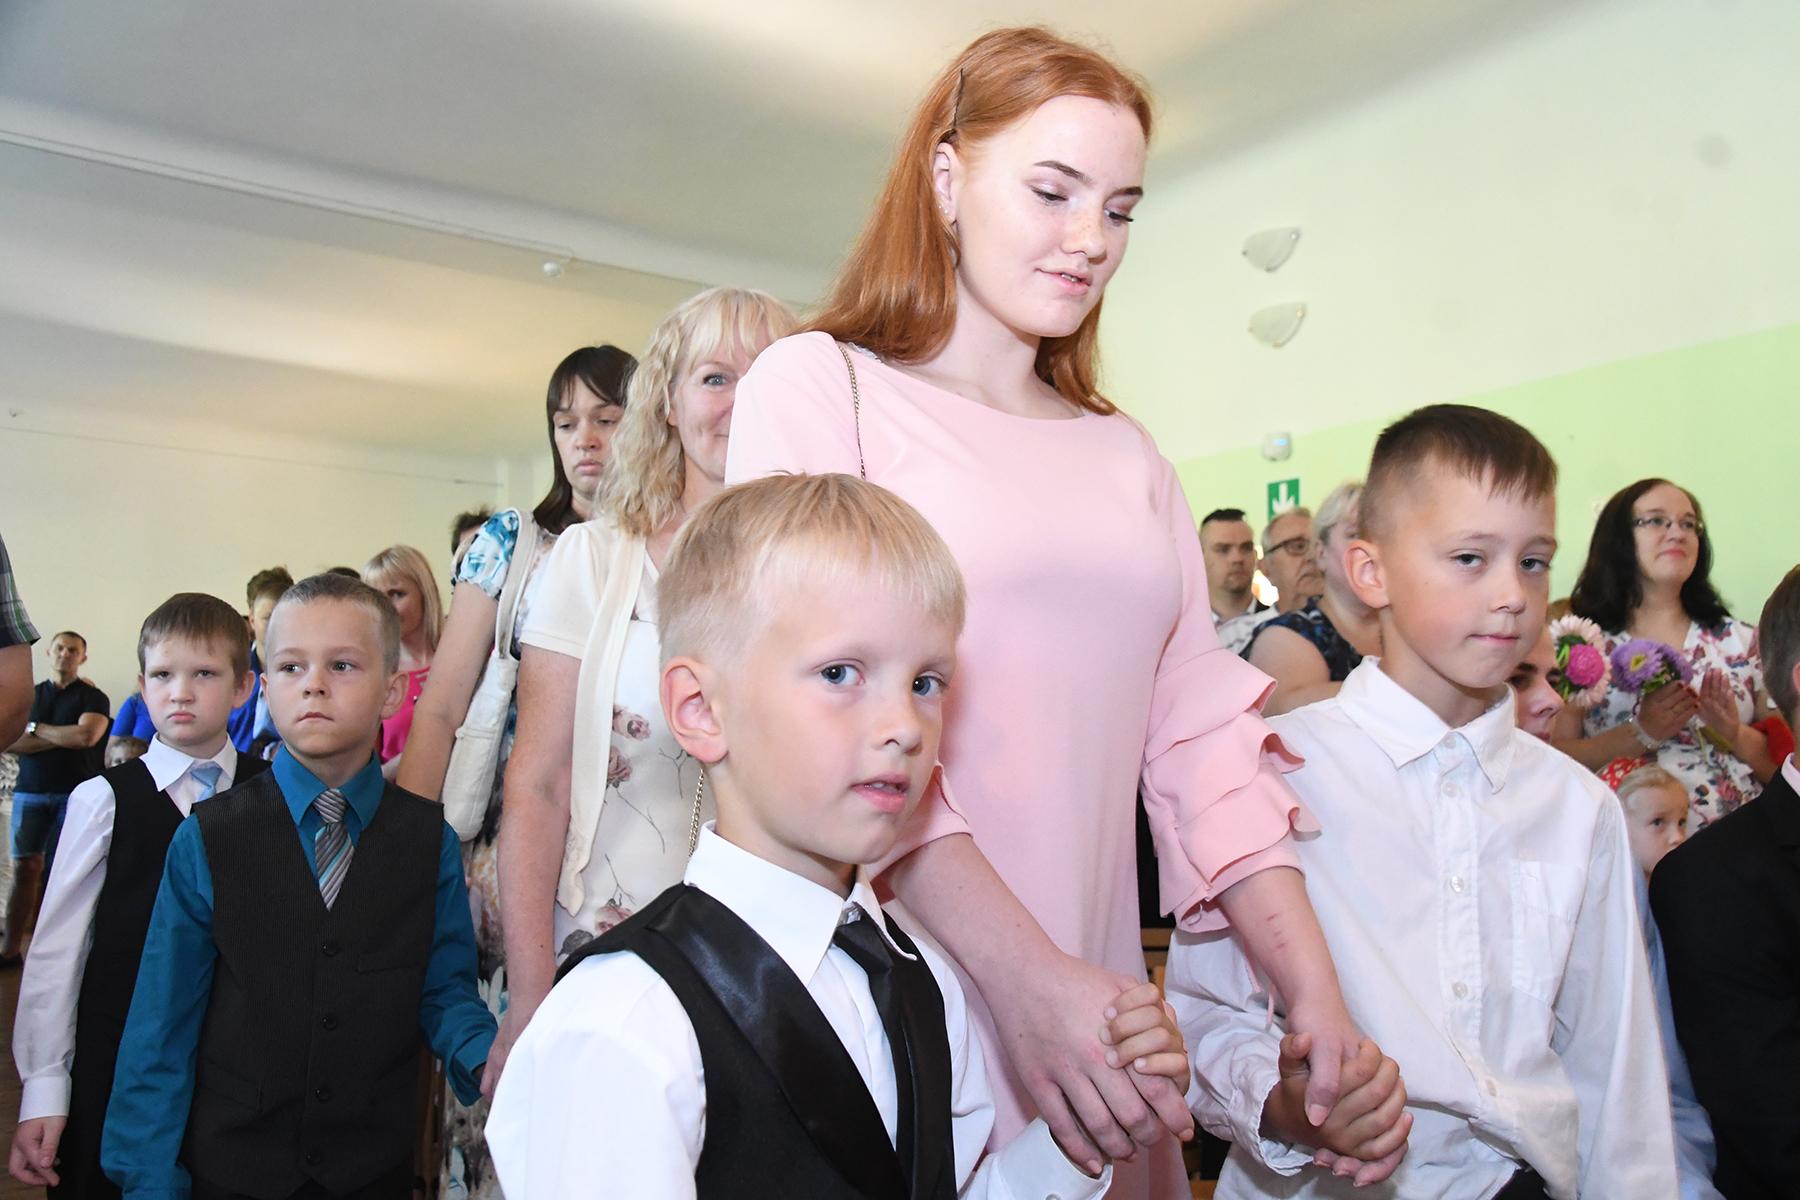 Esimene koolipäev Sindi gümnaasiumis kooliteed alustavatele lastele. Foto Urmas Saard